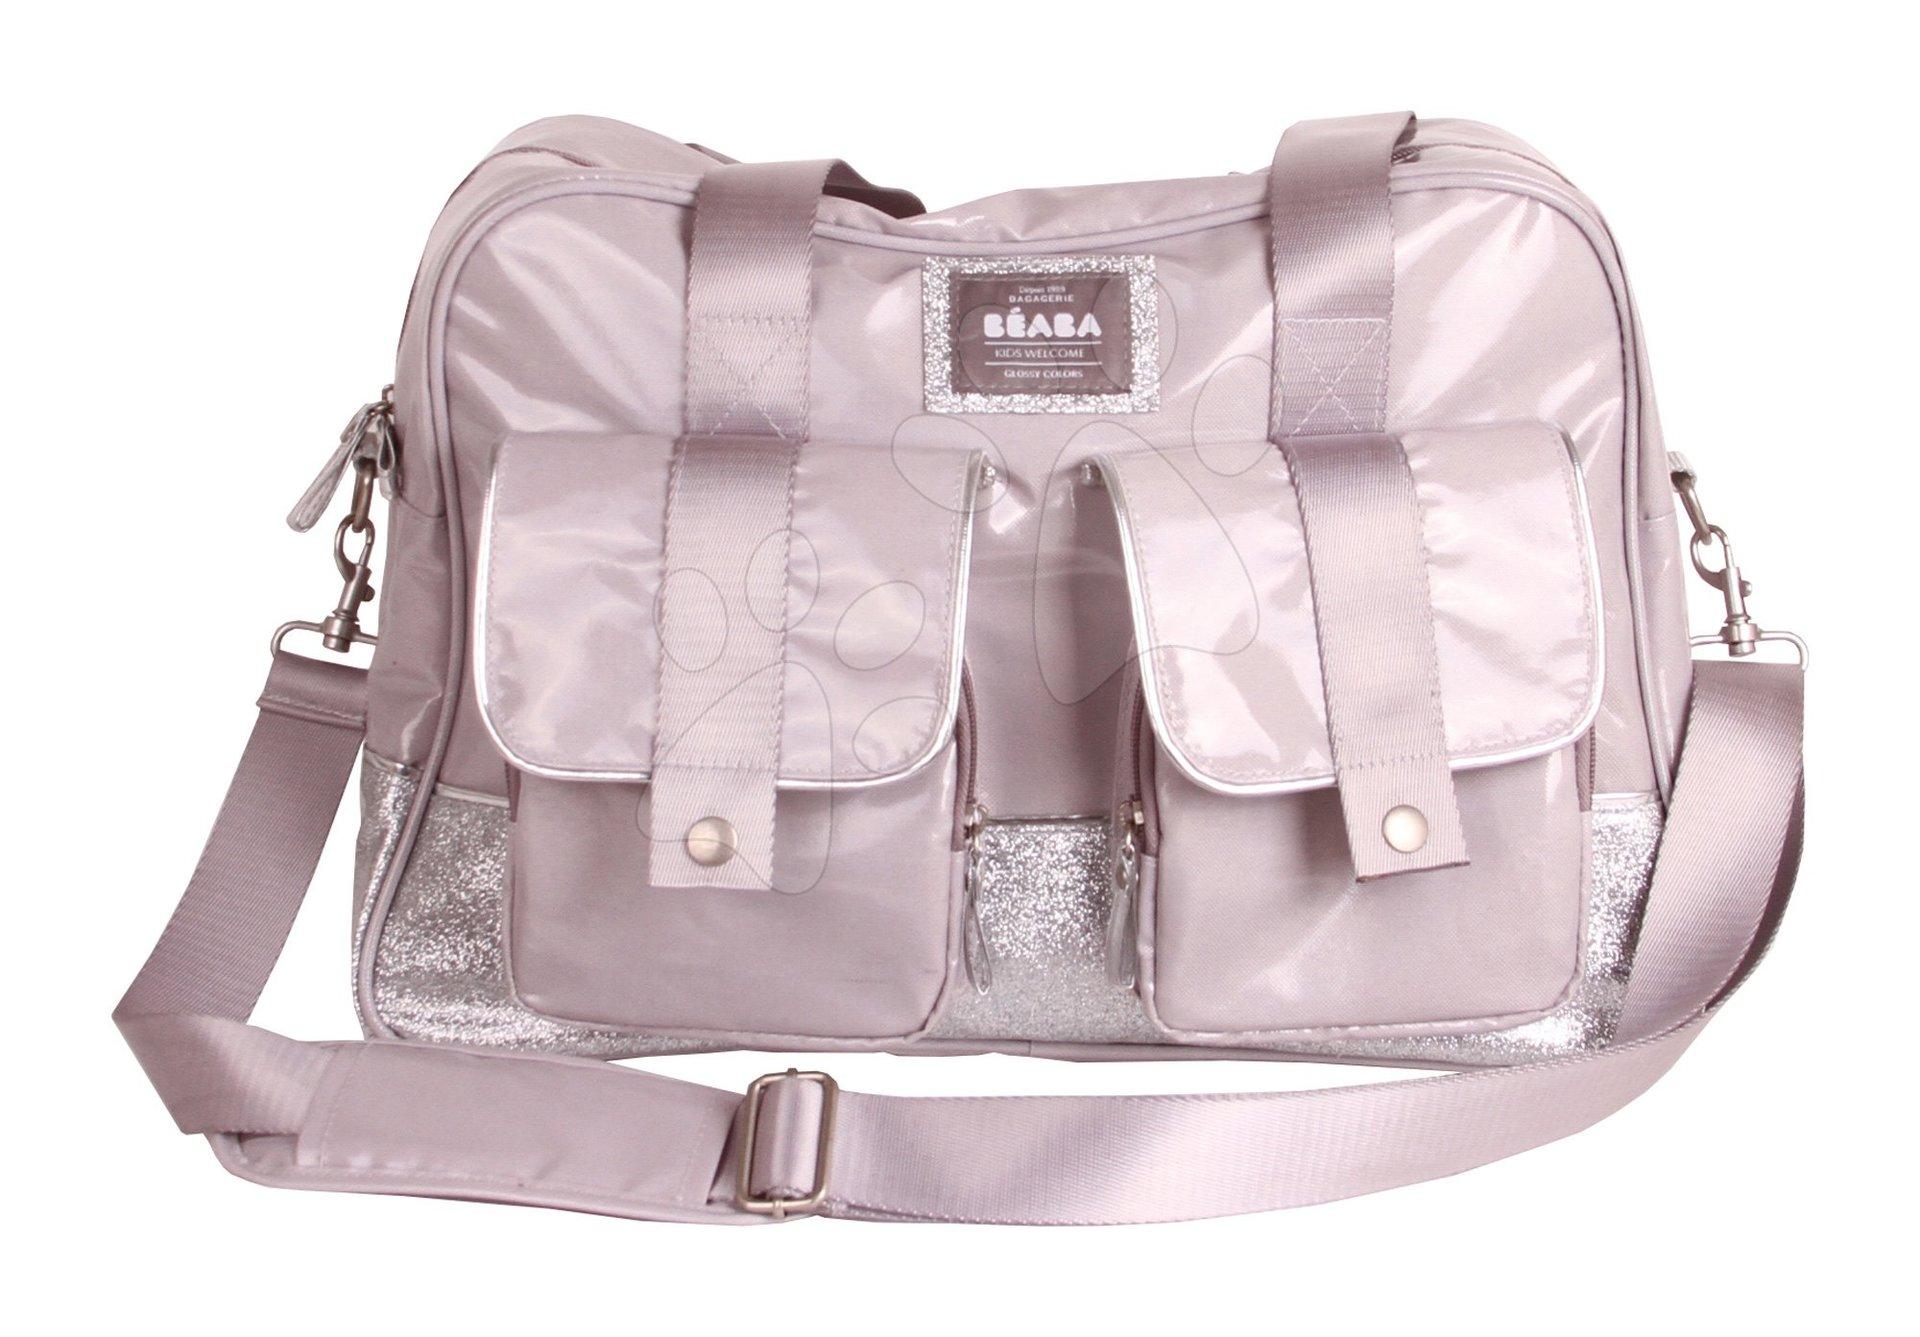 Previjalna torba za vozičke Beaba Monaco srebrna